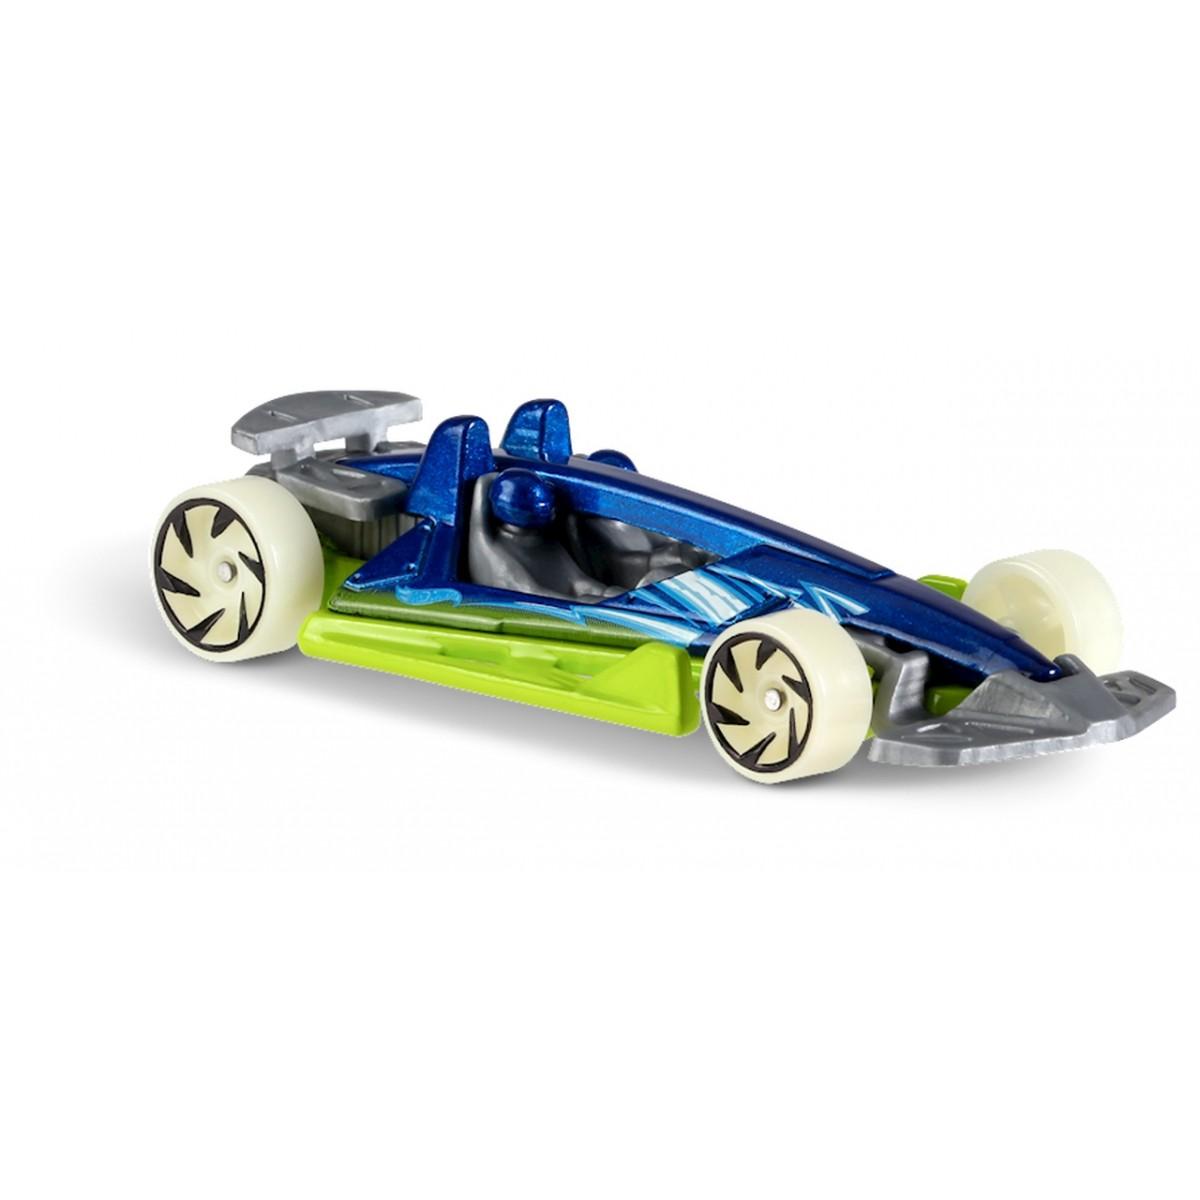 Carrinho Hot Wheels: Track Hammer Azul e Verde